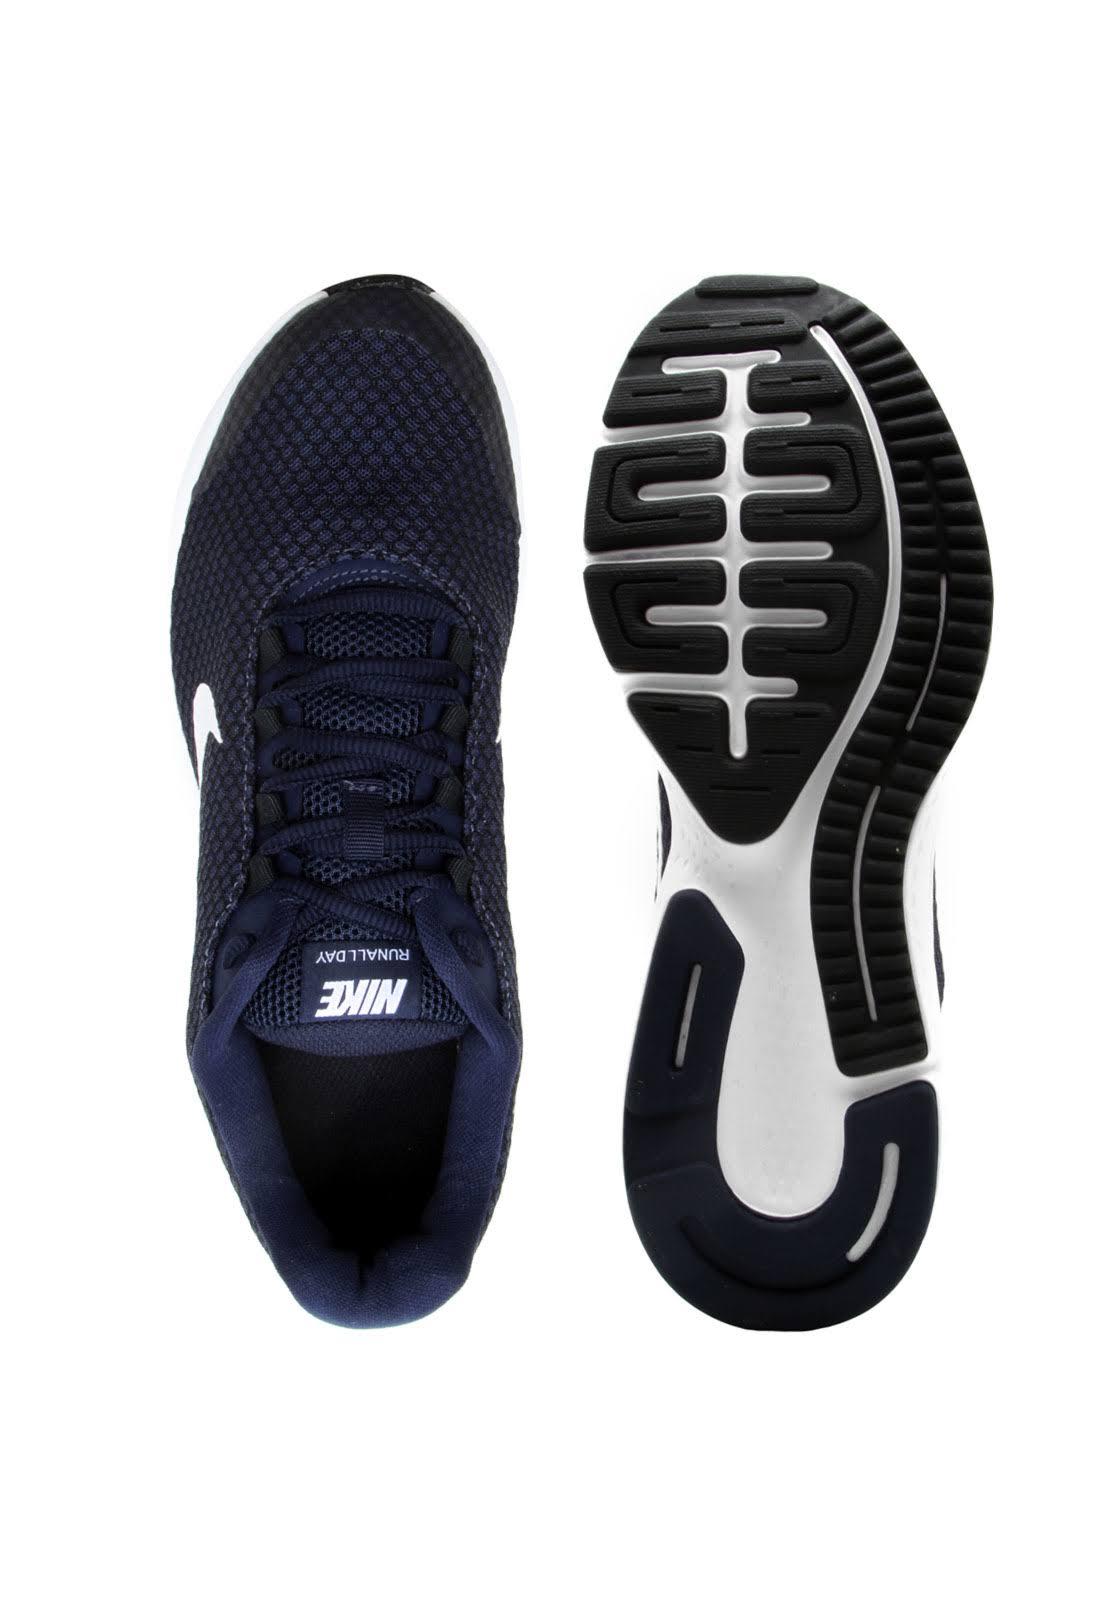 heren heren Nike Nike hardloopschoenen hardloopschoenen hardloopschoenen hardloopschoenen heren Nike heren heren hardloopschoenen Nike Nike 5Rq34LjA